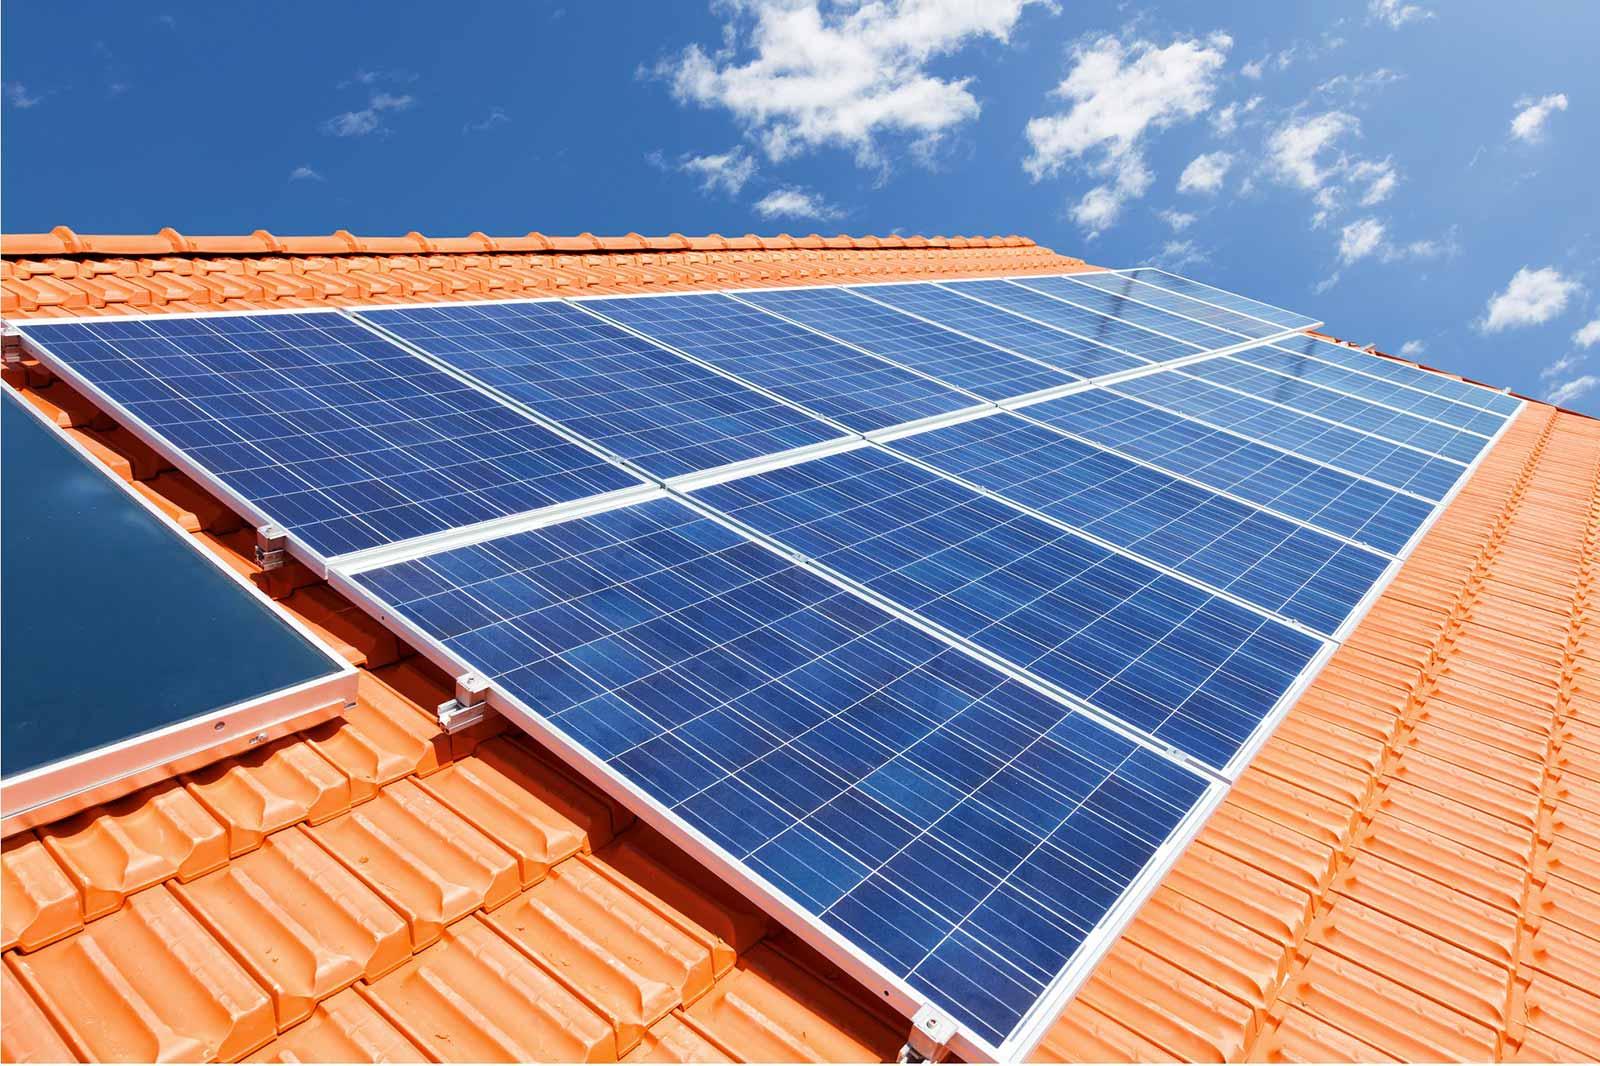 installazione-e-manutenzione-pannelli-solari-a-cattolica